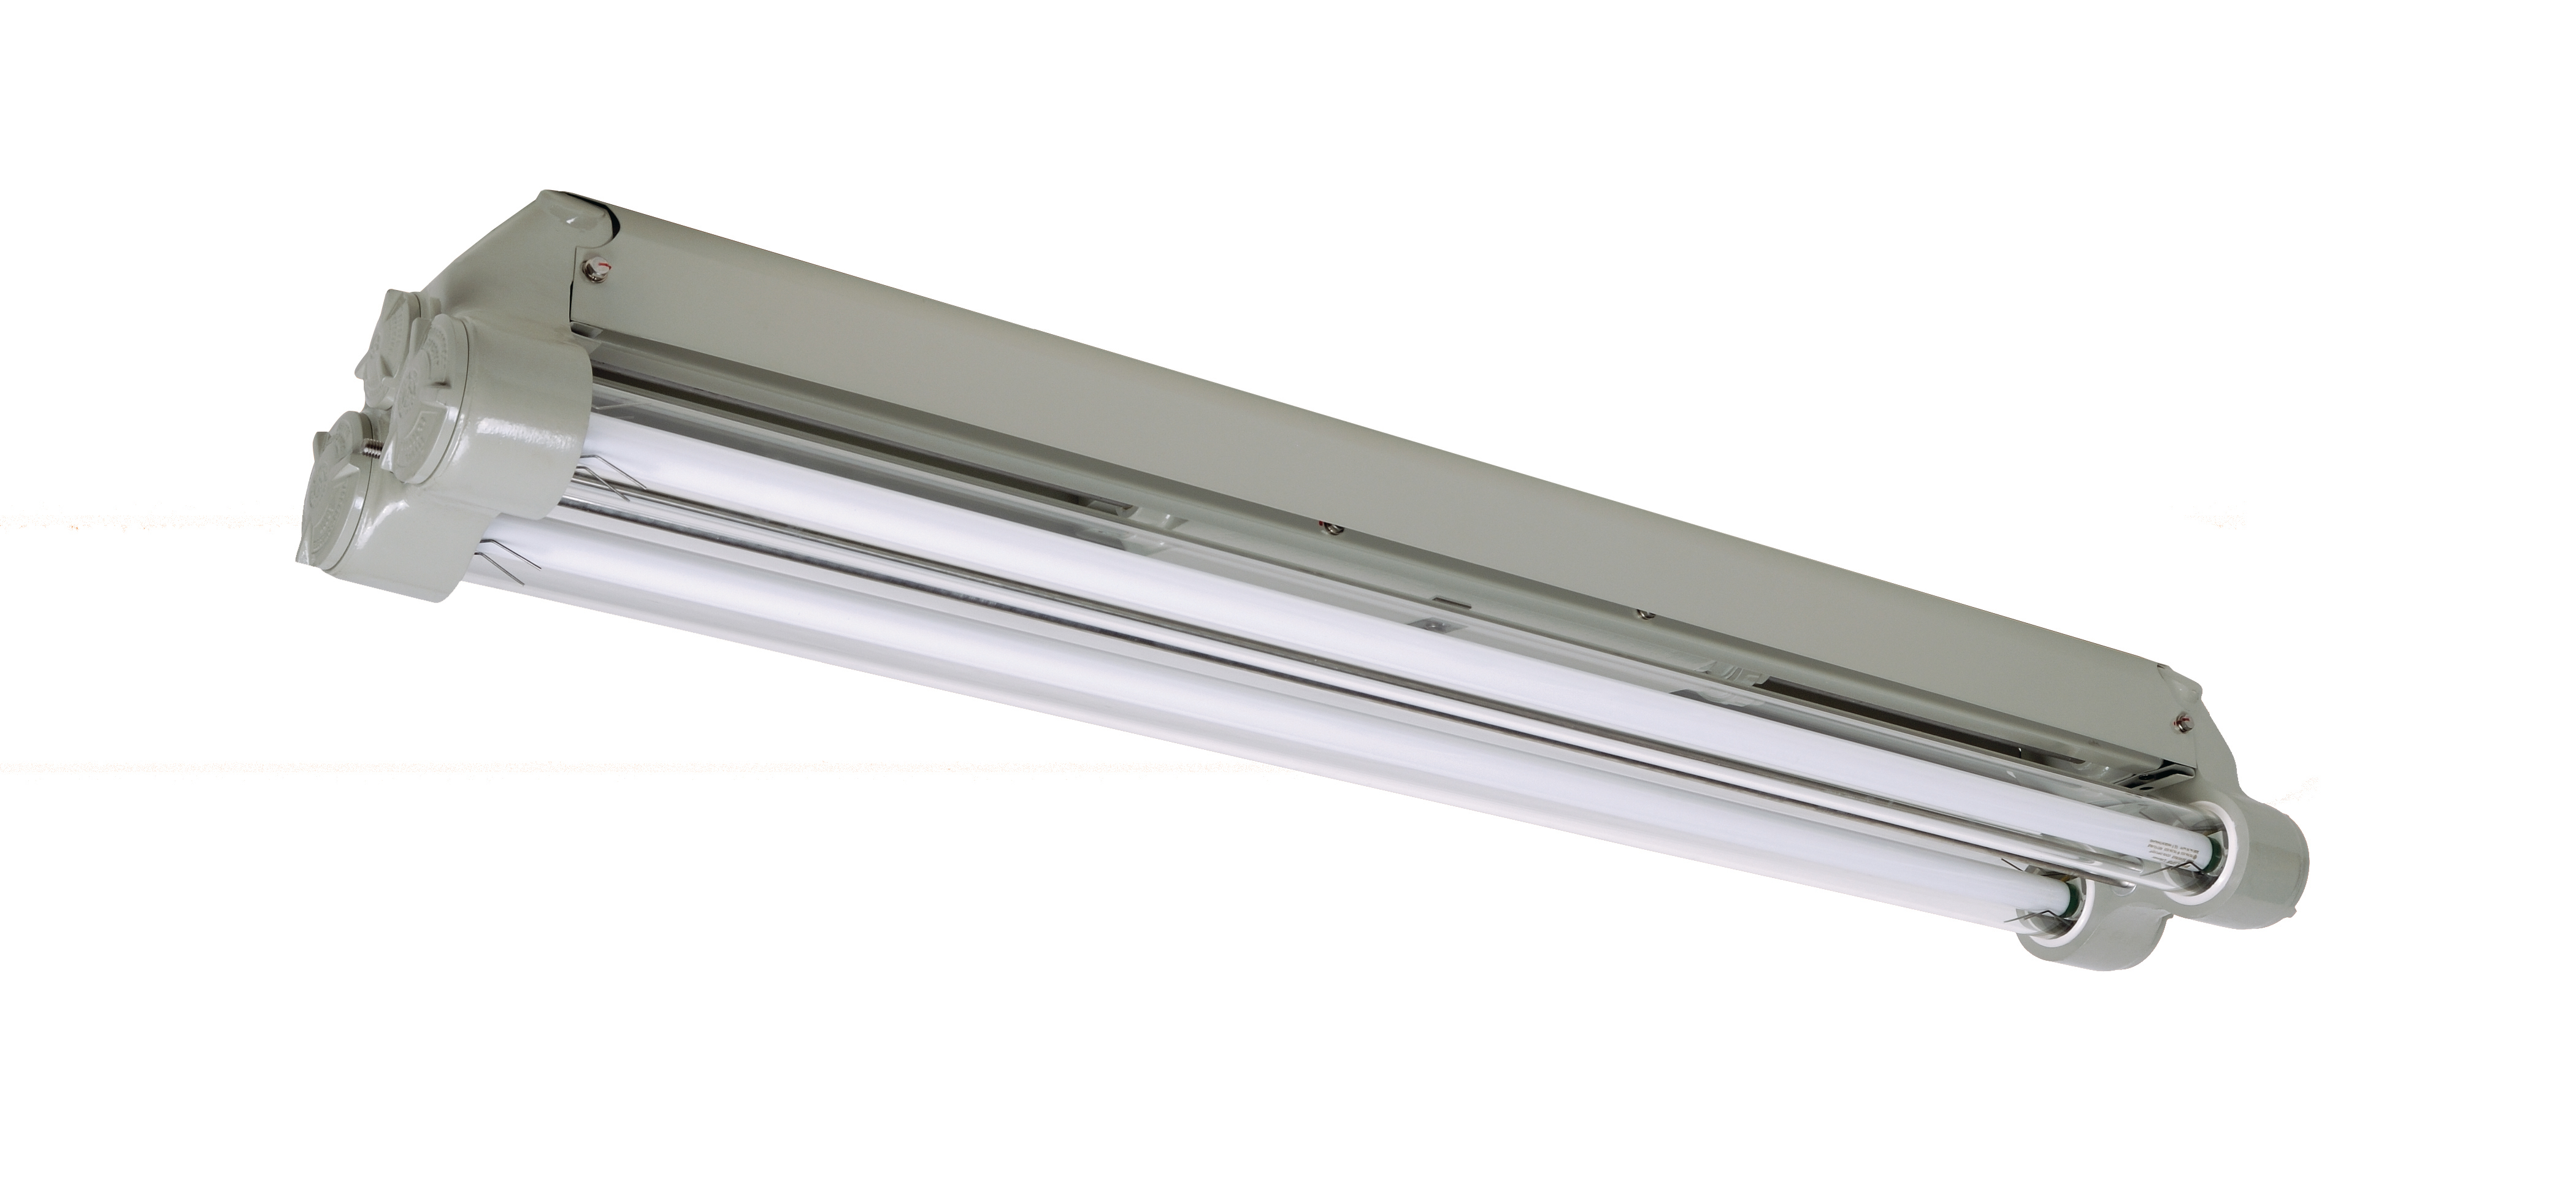 Fluorescent & LED Tube Lighting Fixture (Pendant), EARS Series